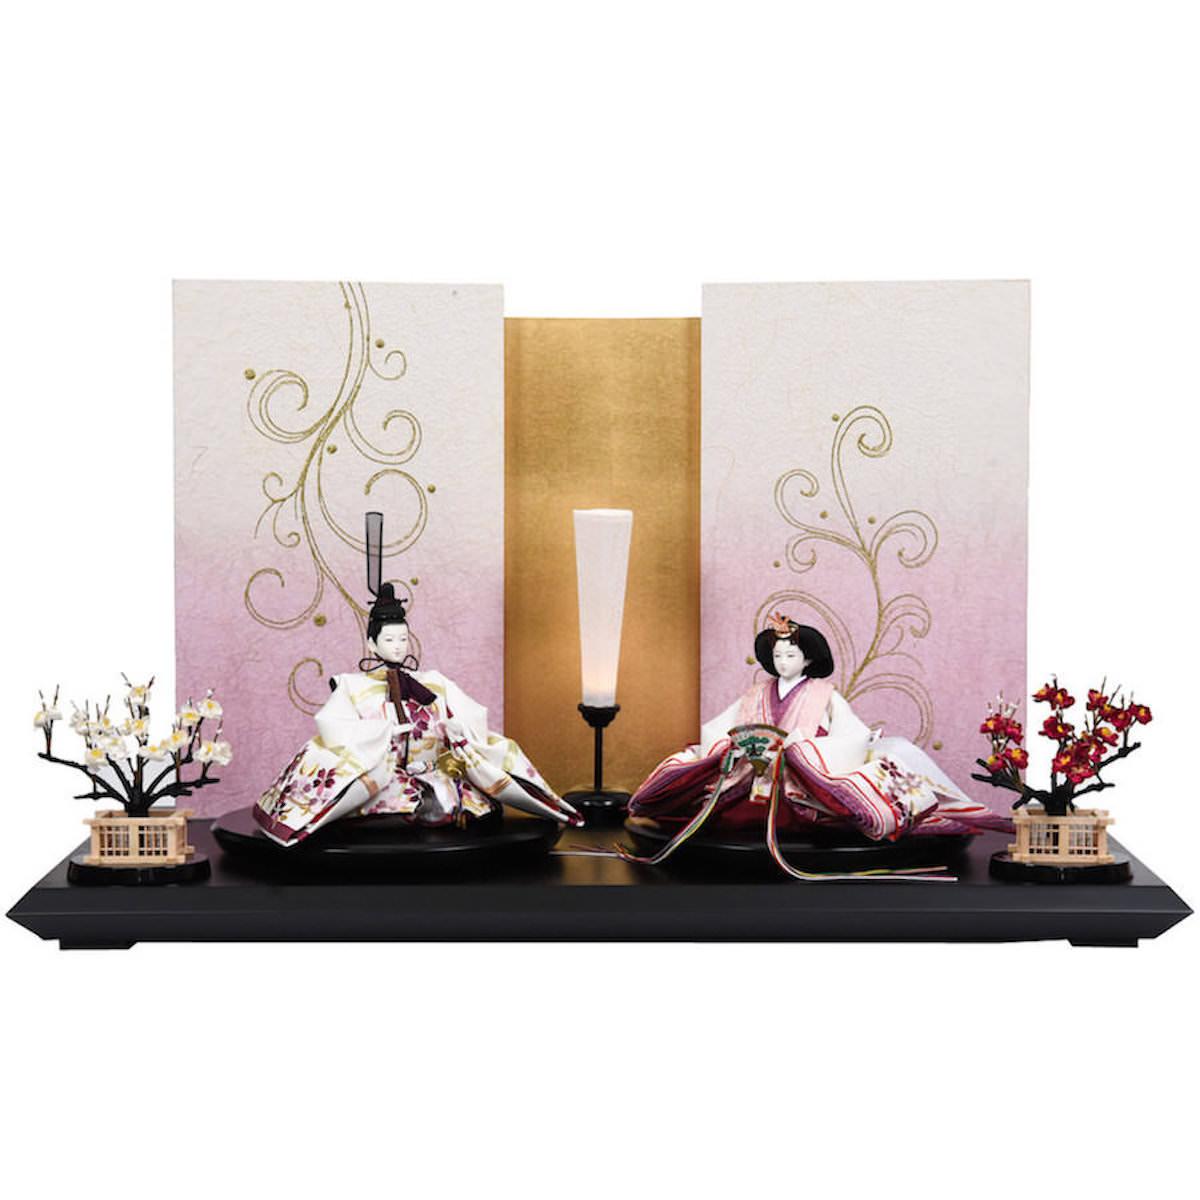 雛人形 紫園刺繍 三五 親王飾り 田村芙紗彦 送料無料